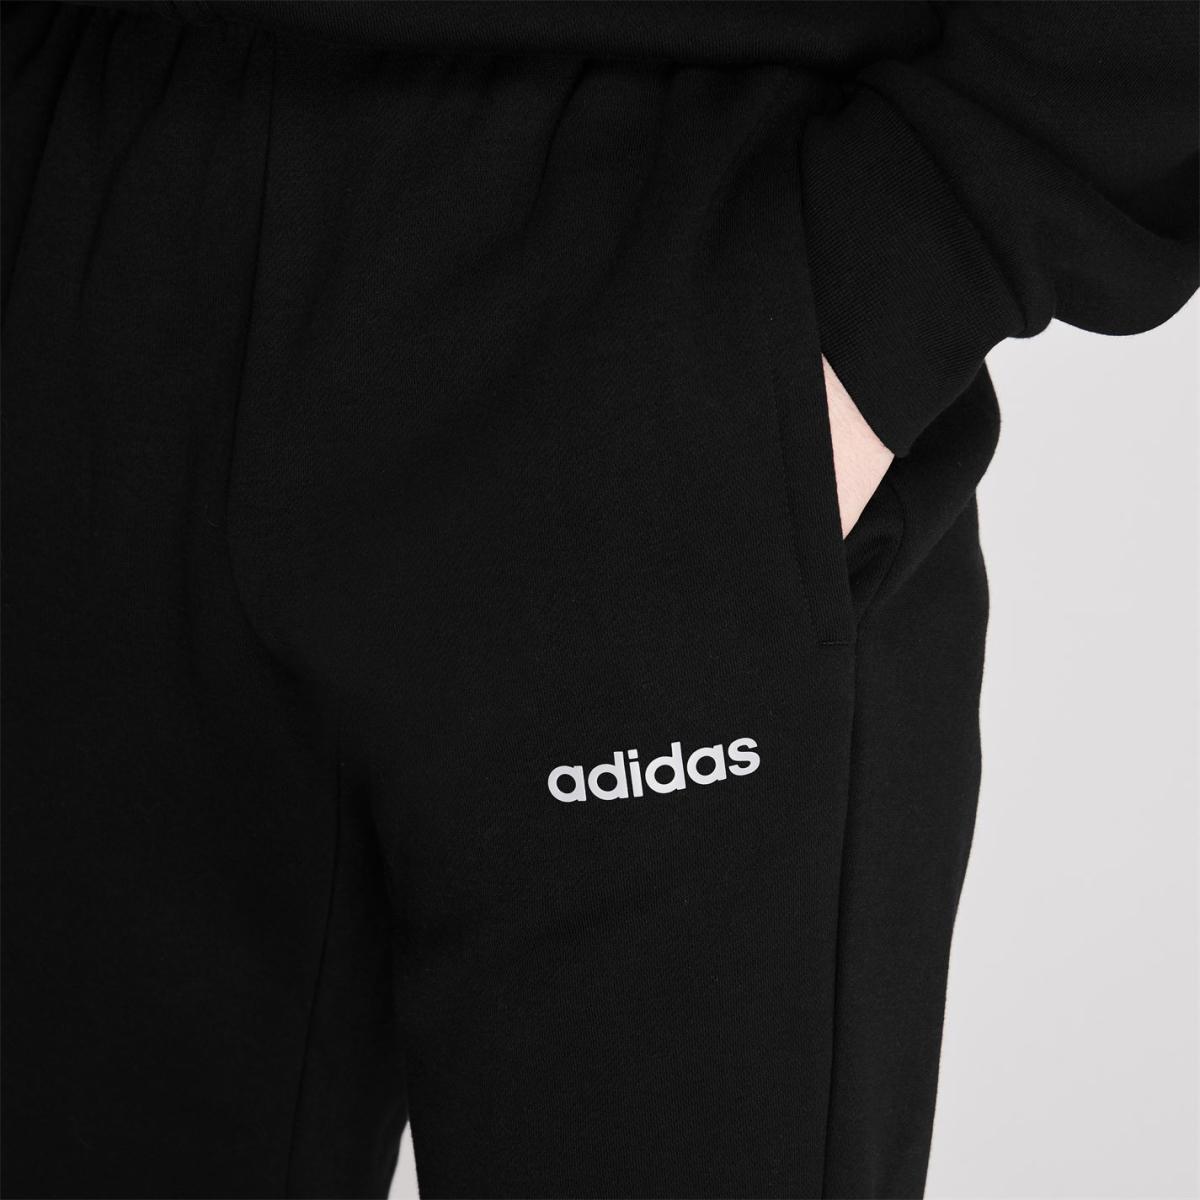 adidas Trainingsanzug Herren 3 Streifen Sportanzug Jogginganzug Freizeit 89